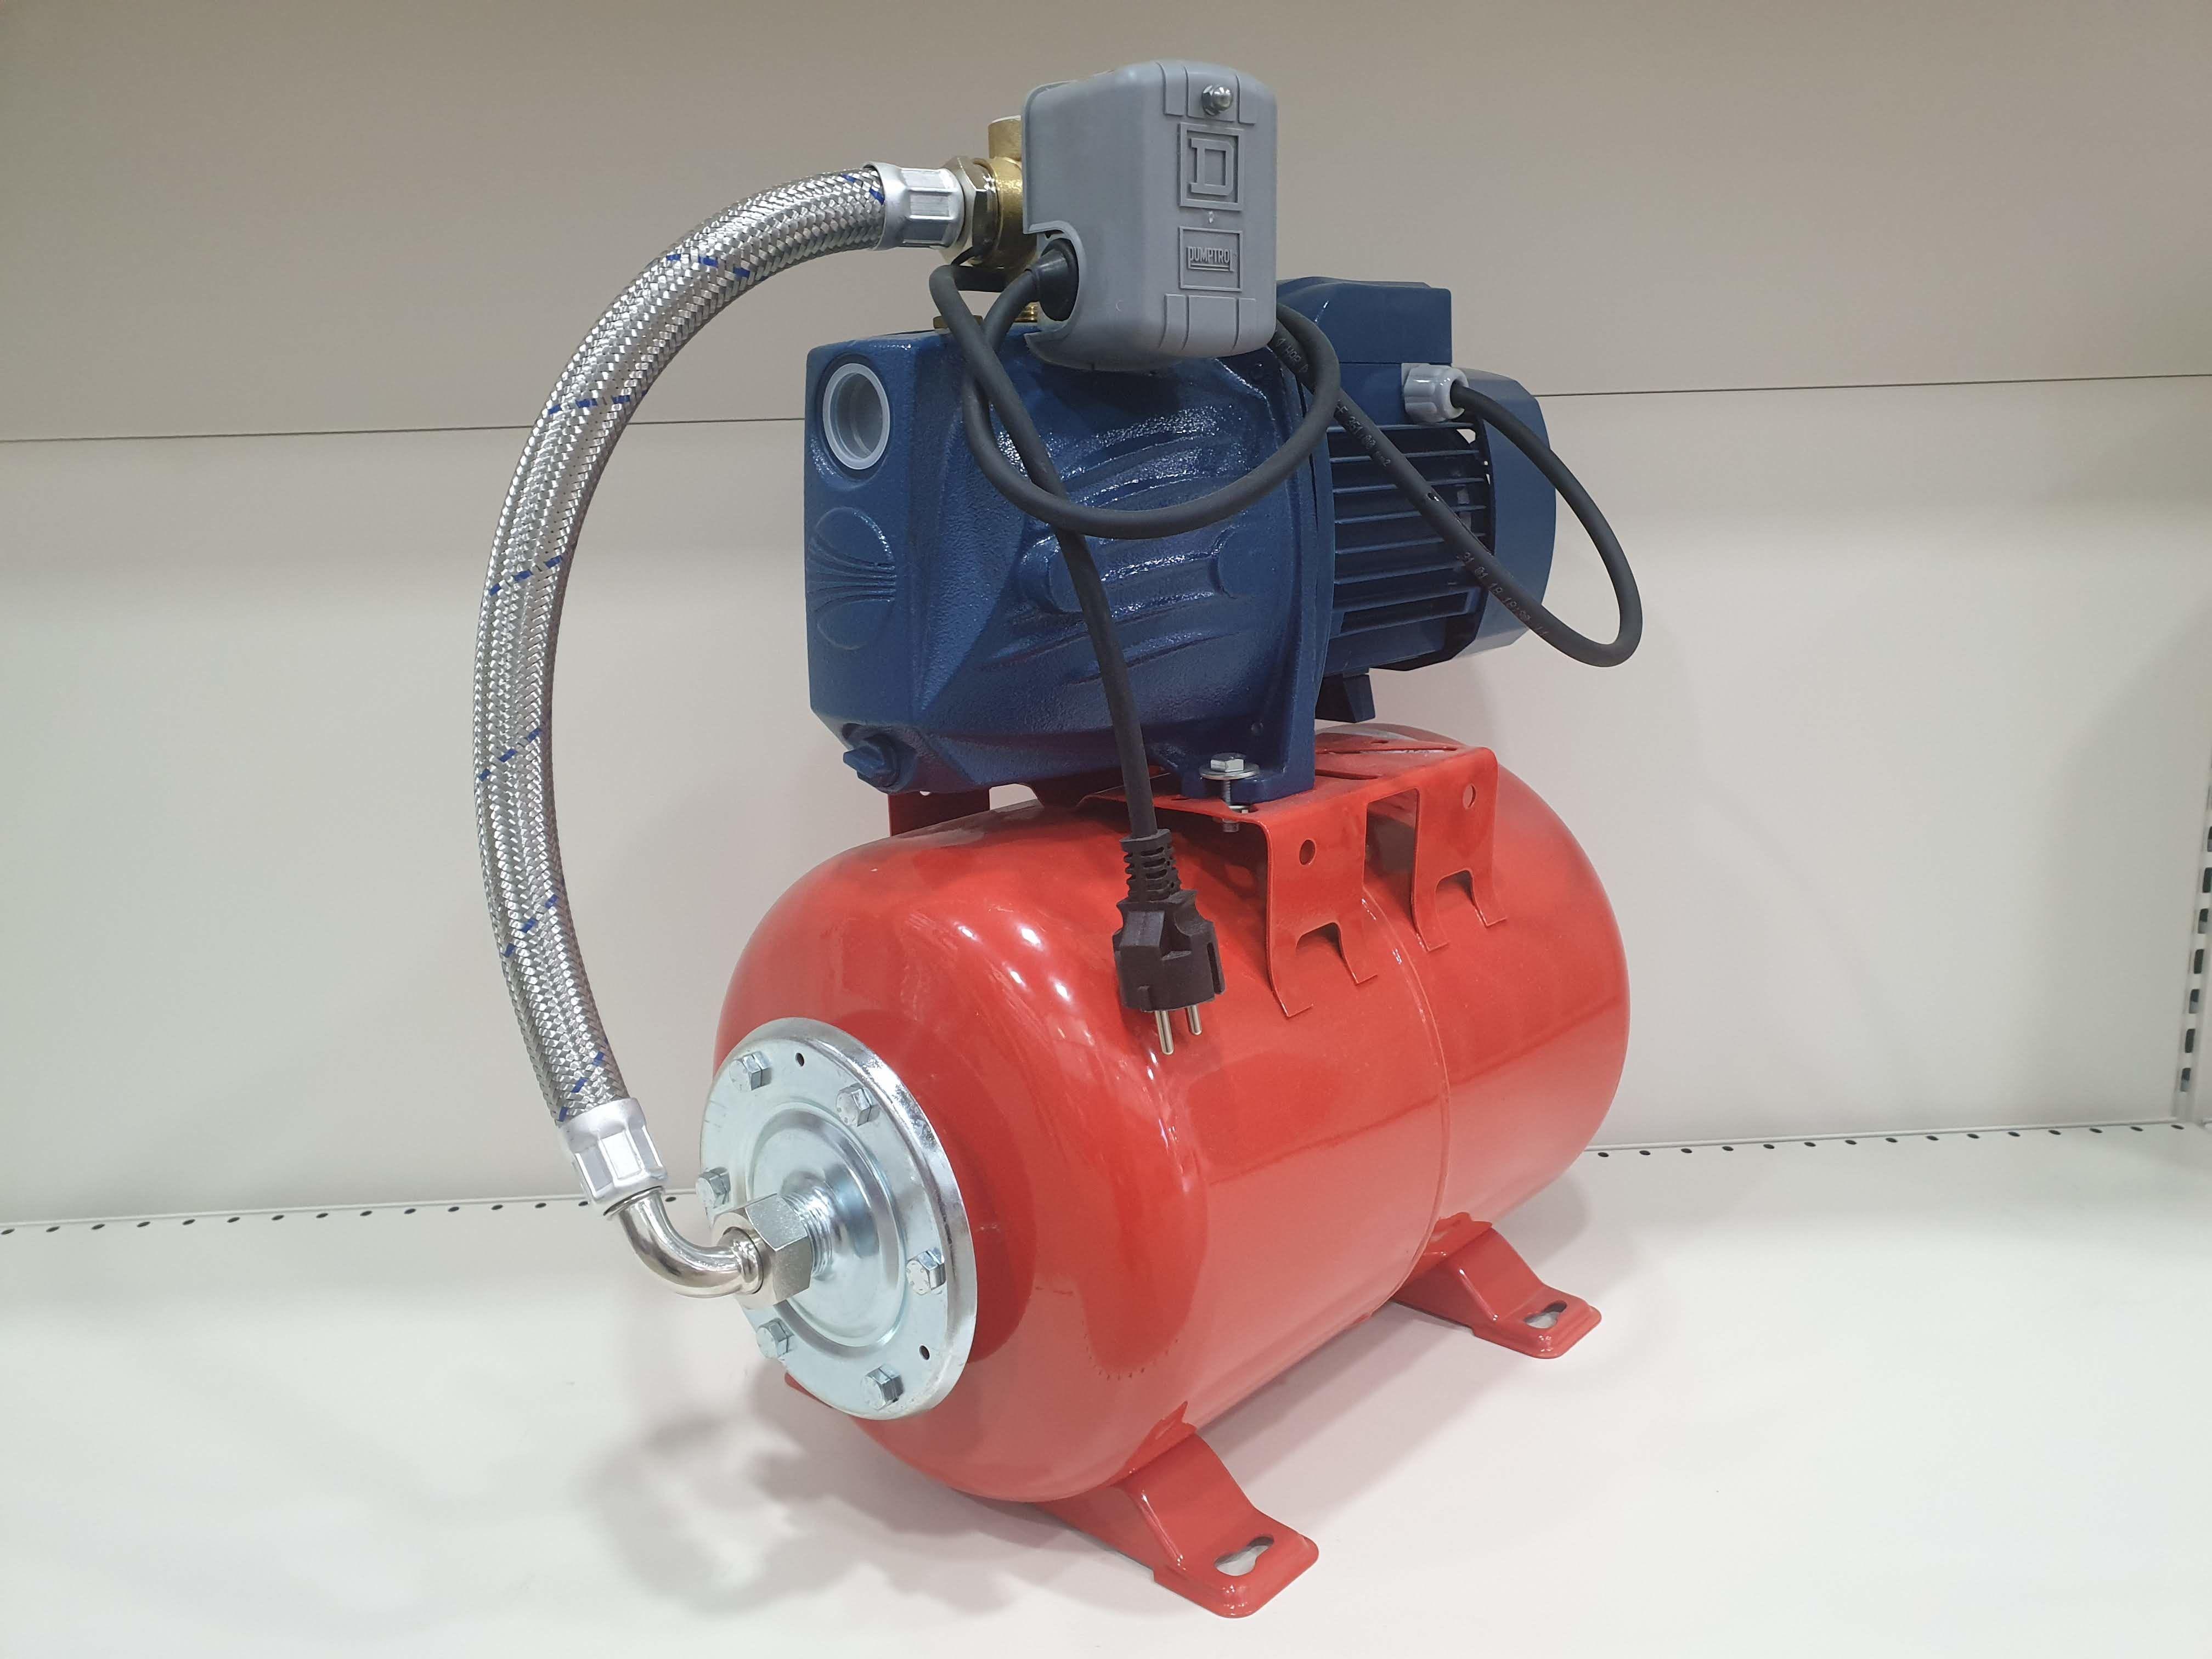 Гидрофор PEDROLLO JSWm2 CX 0.75кВт 9м (Защита)